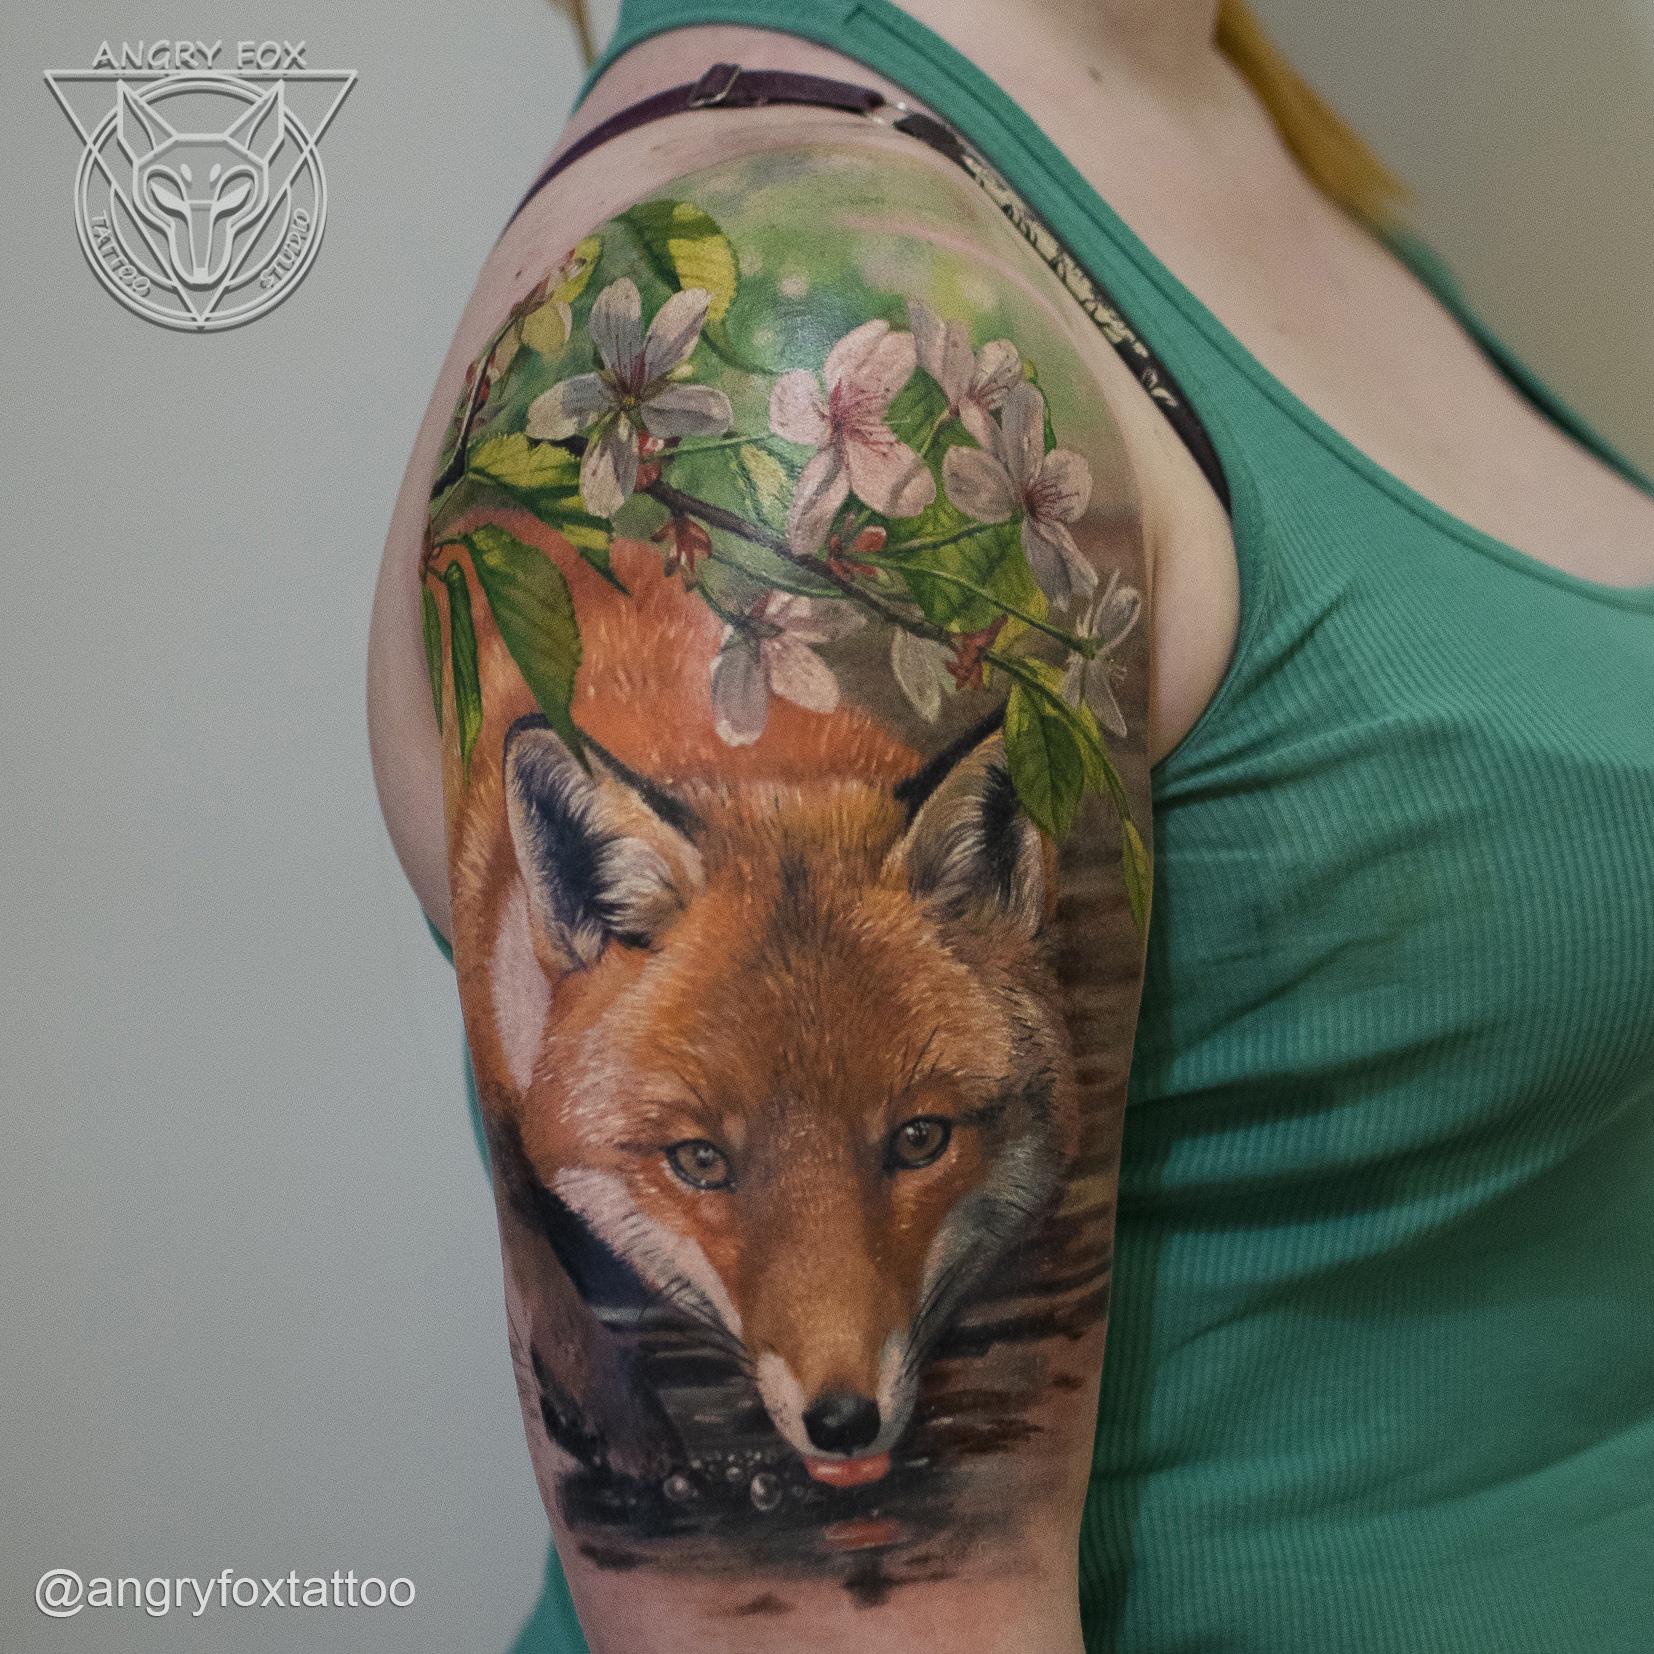 татуировка, тату, девушка, цветок, веточка, лиса, водопой, плечо, рука, реализм